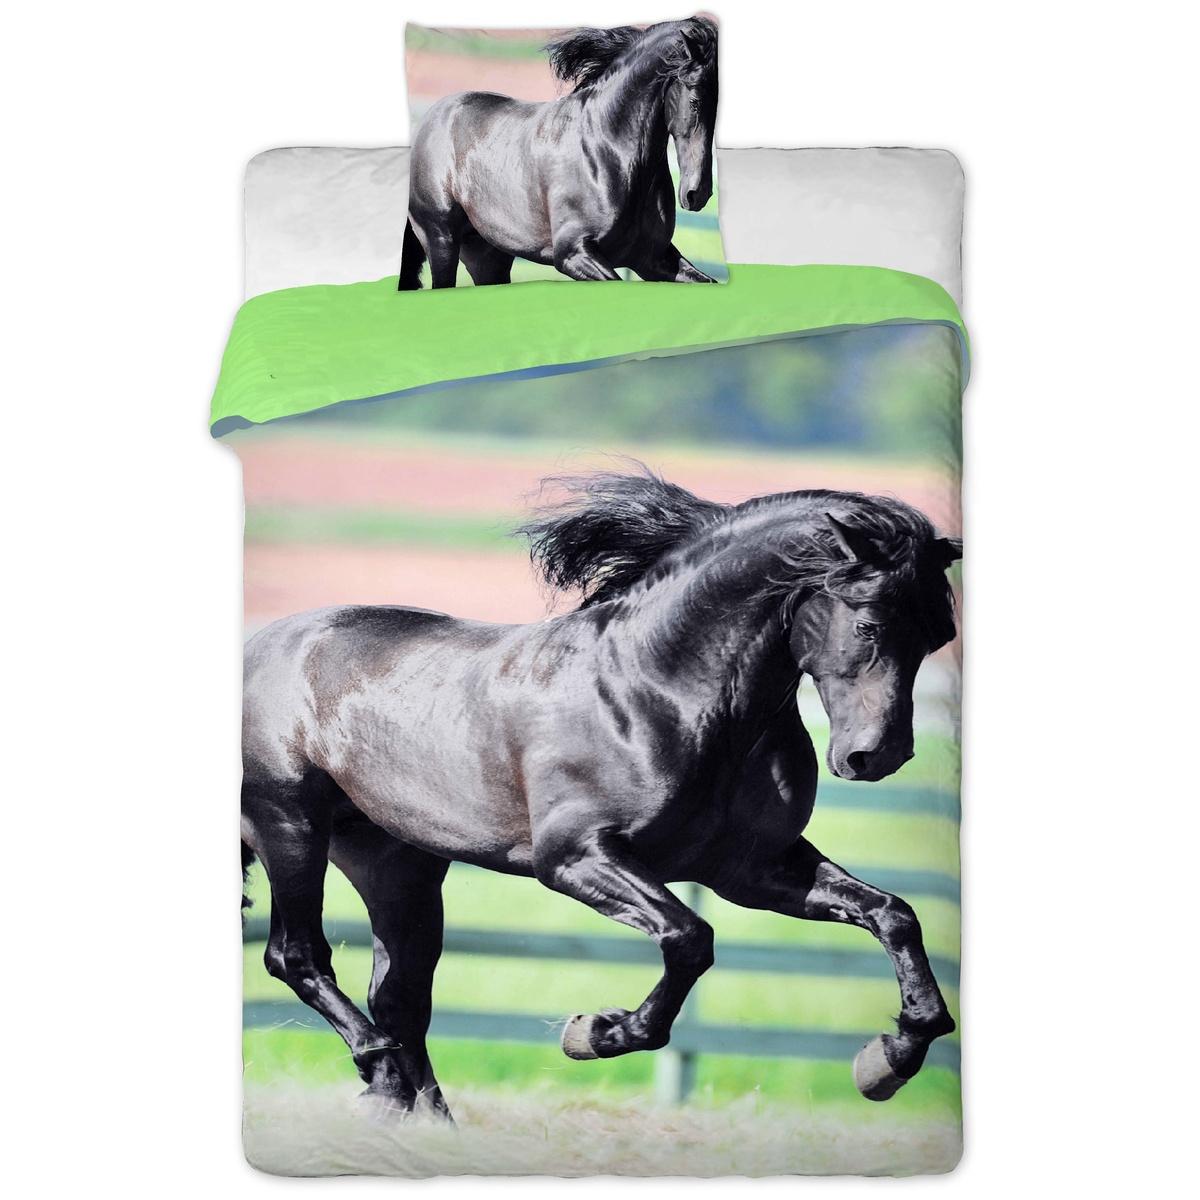 Jerry Fabrics bavlna povlečení Černý kůň fototisk Černý kůň 140x200 70x90